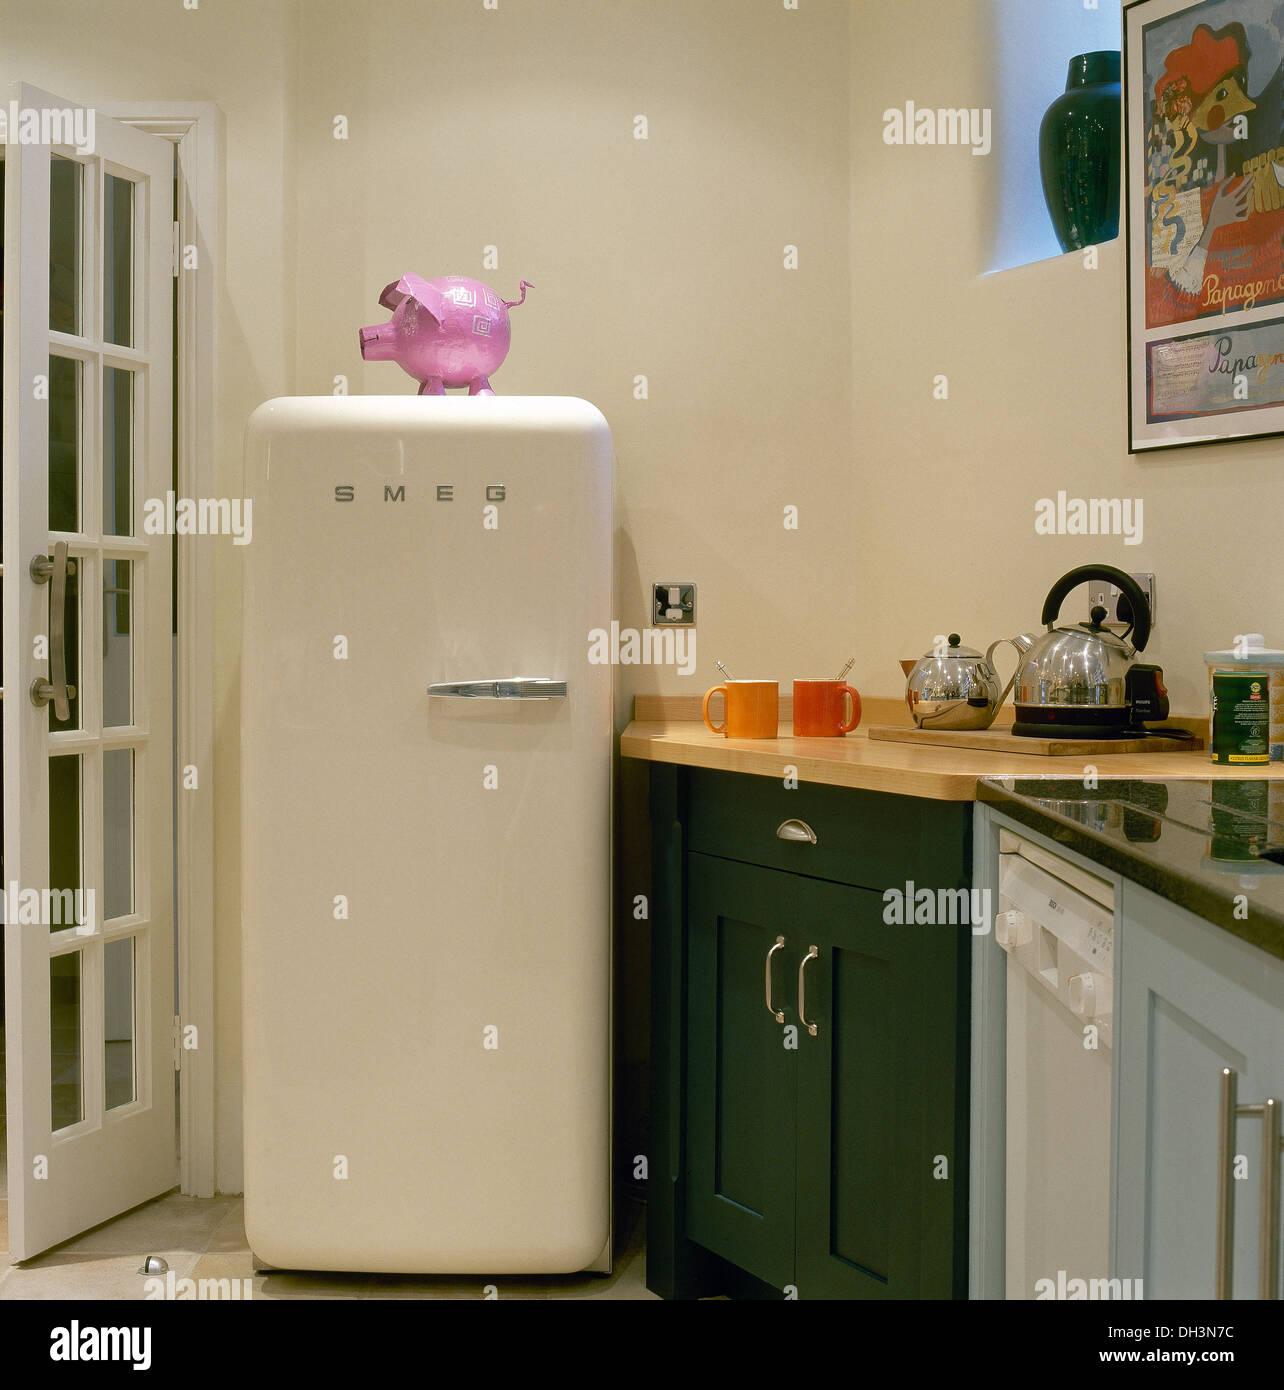 pink plastic pink on smeg fridge in corner of modern. Black Bedroom Furniture Sets. Home Design Ideas